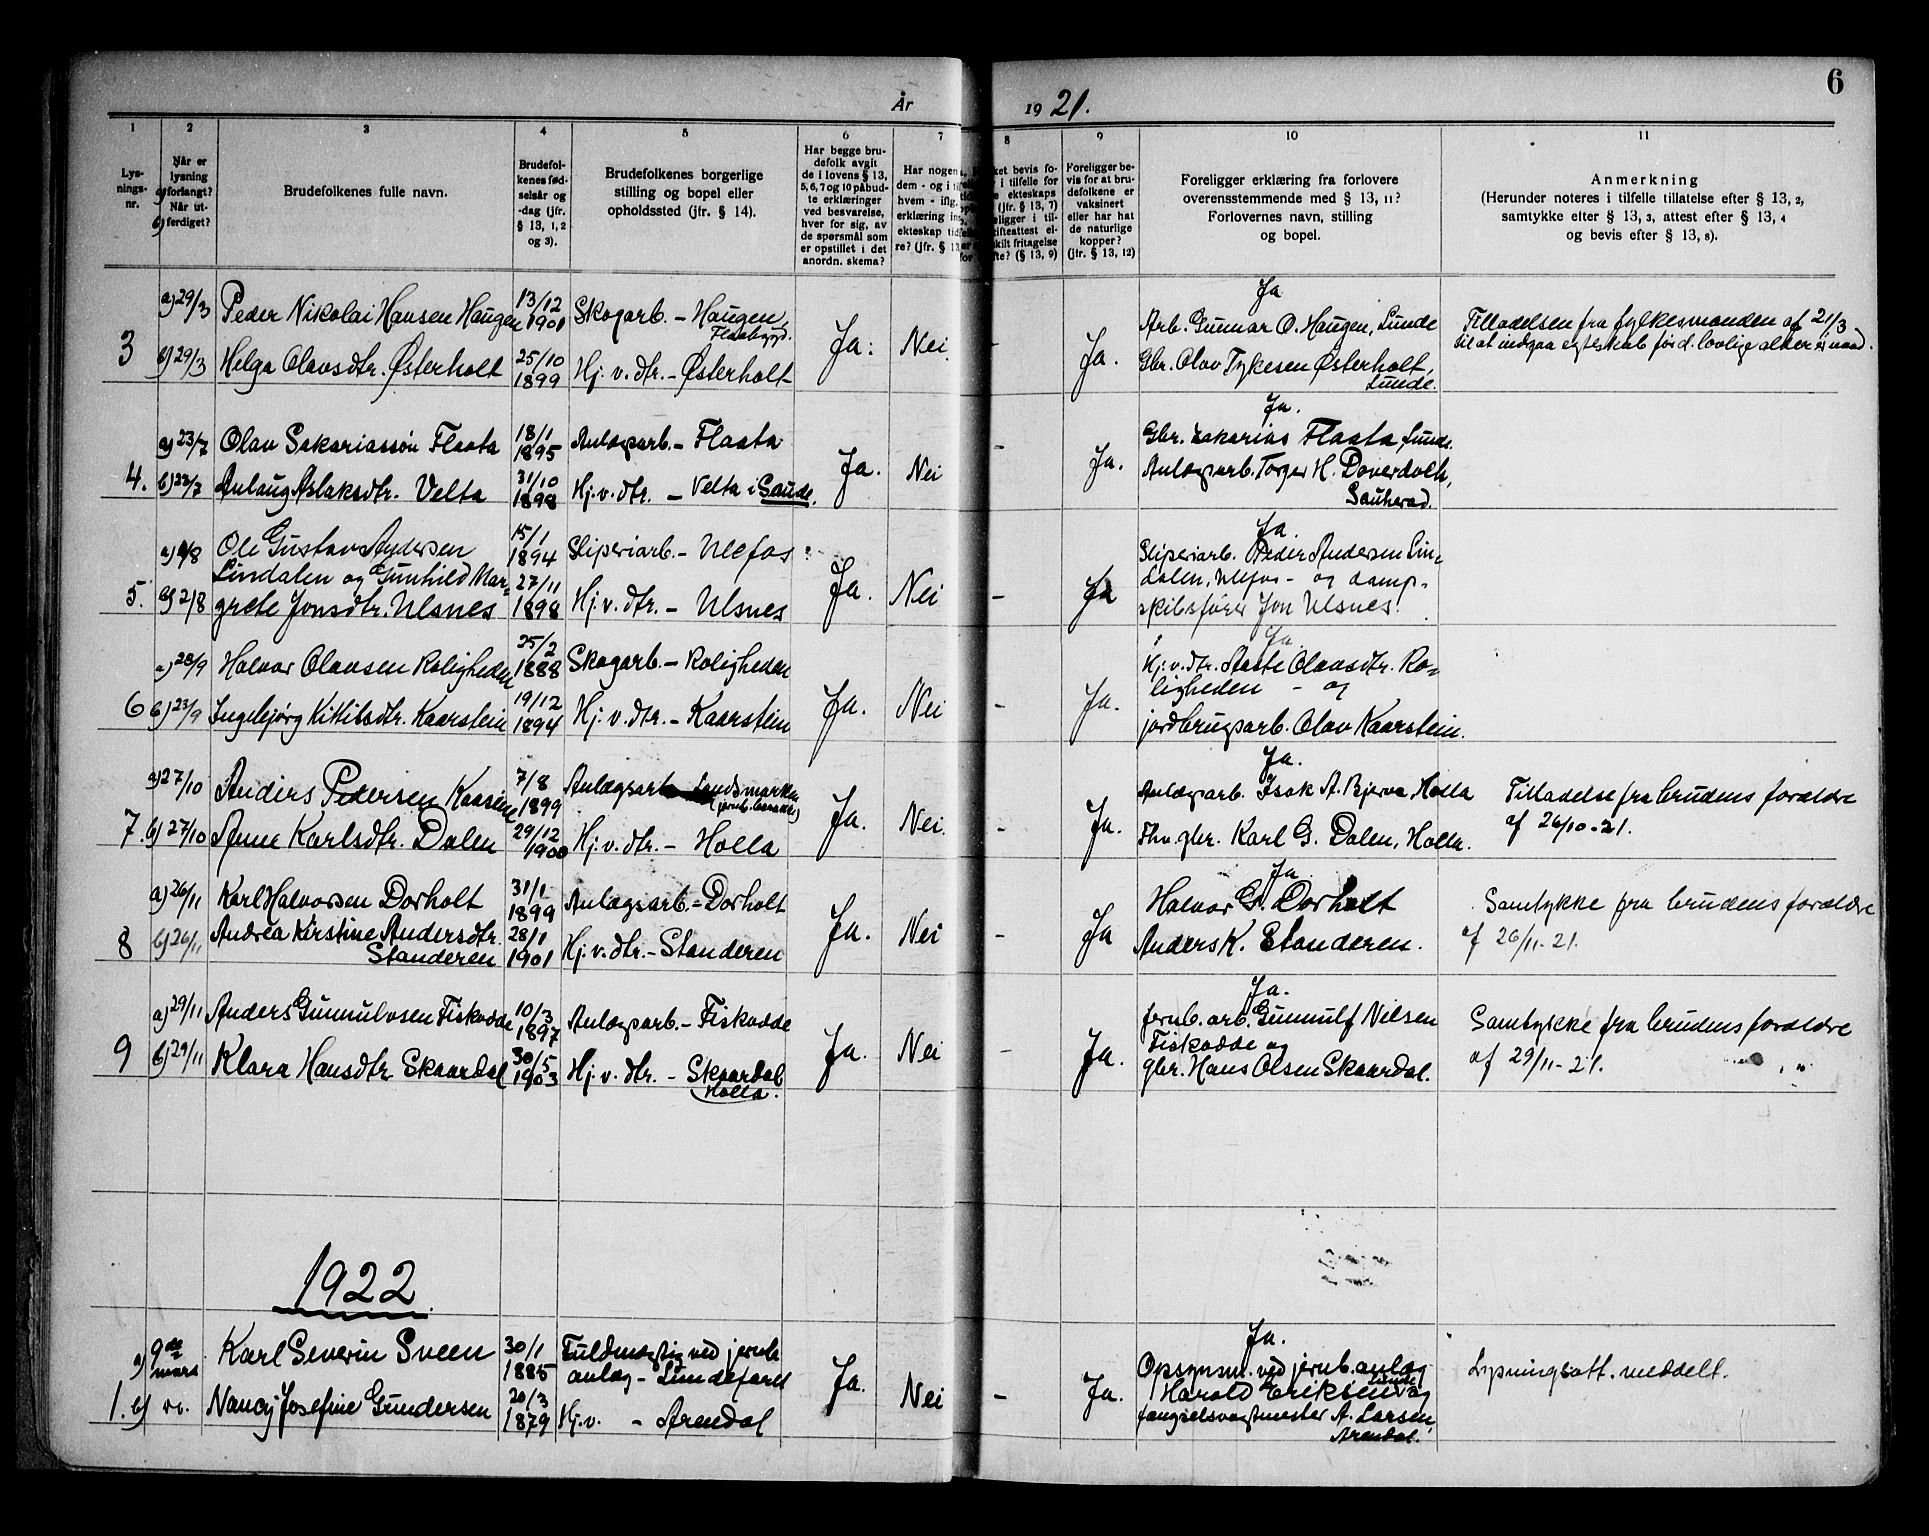 SAKO, Lunde kirkebøker, H/Ha/L0001: Lysningsprotokoll nr. 1, 1919-1966, s. 6